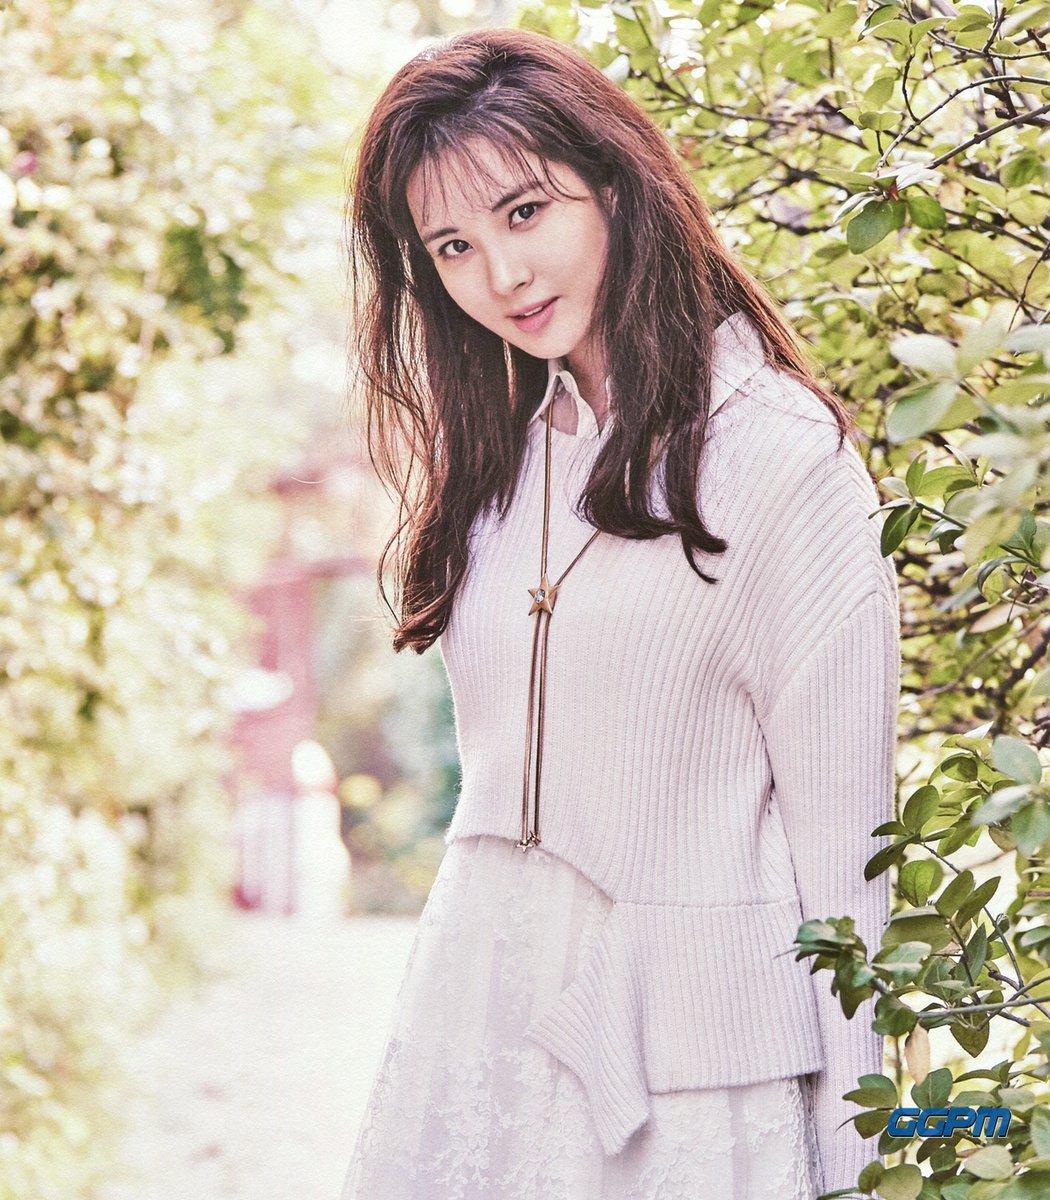 Seohyun 2017 SEASON'S GREETINGS 'Ordinary Days'